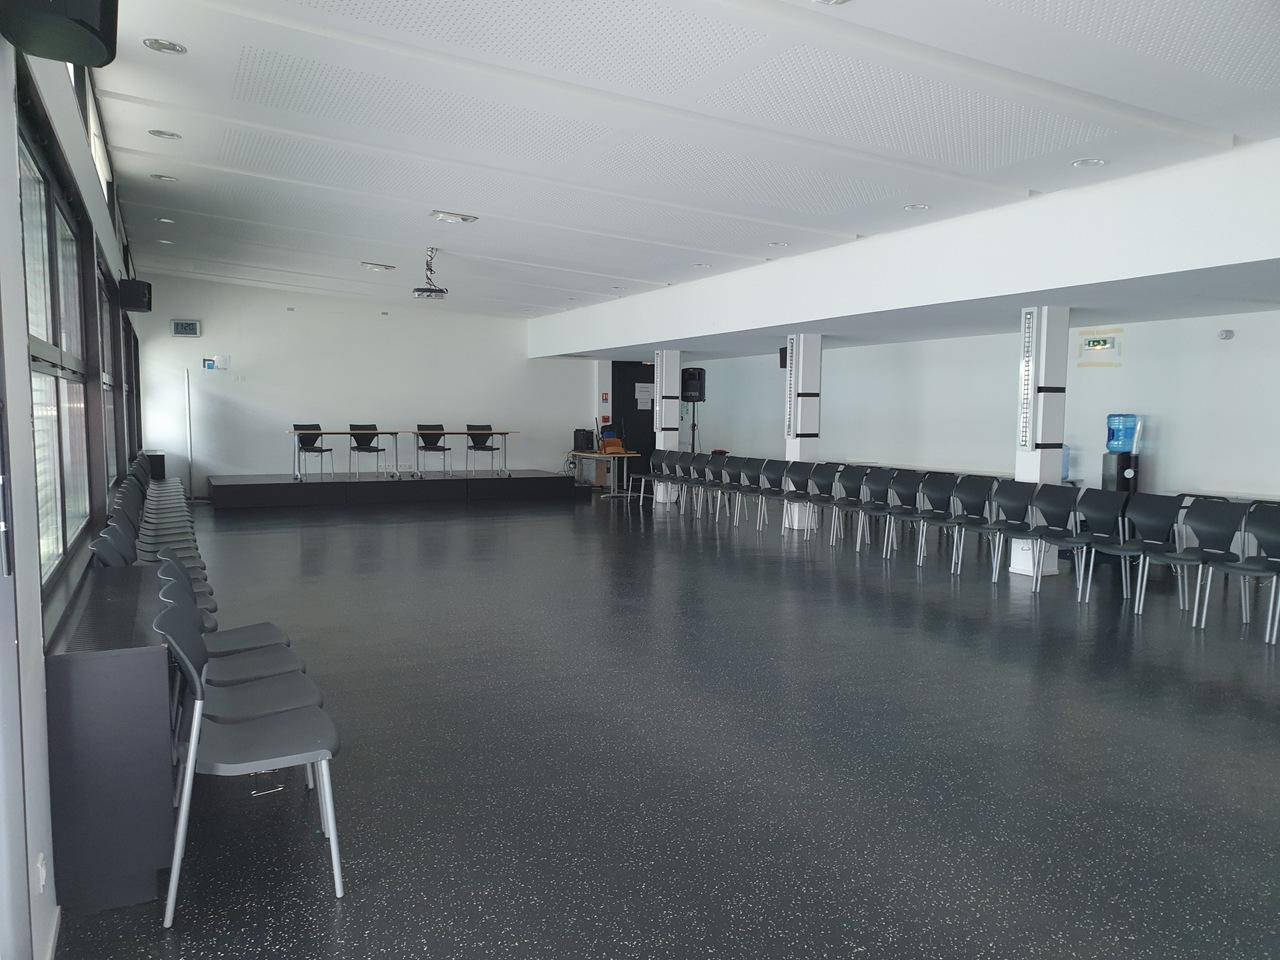 Salle polyvalente intérieure